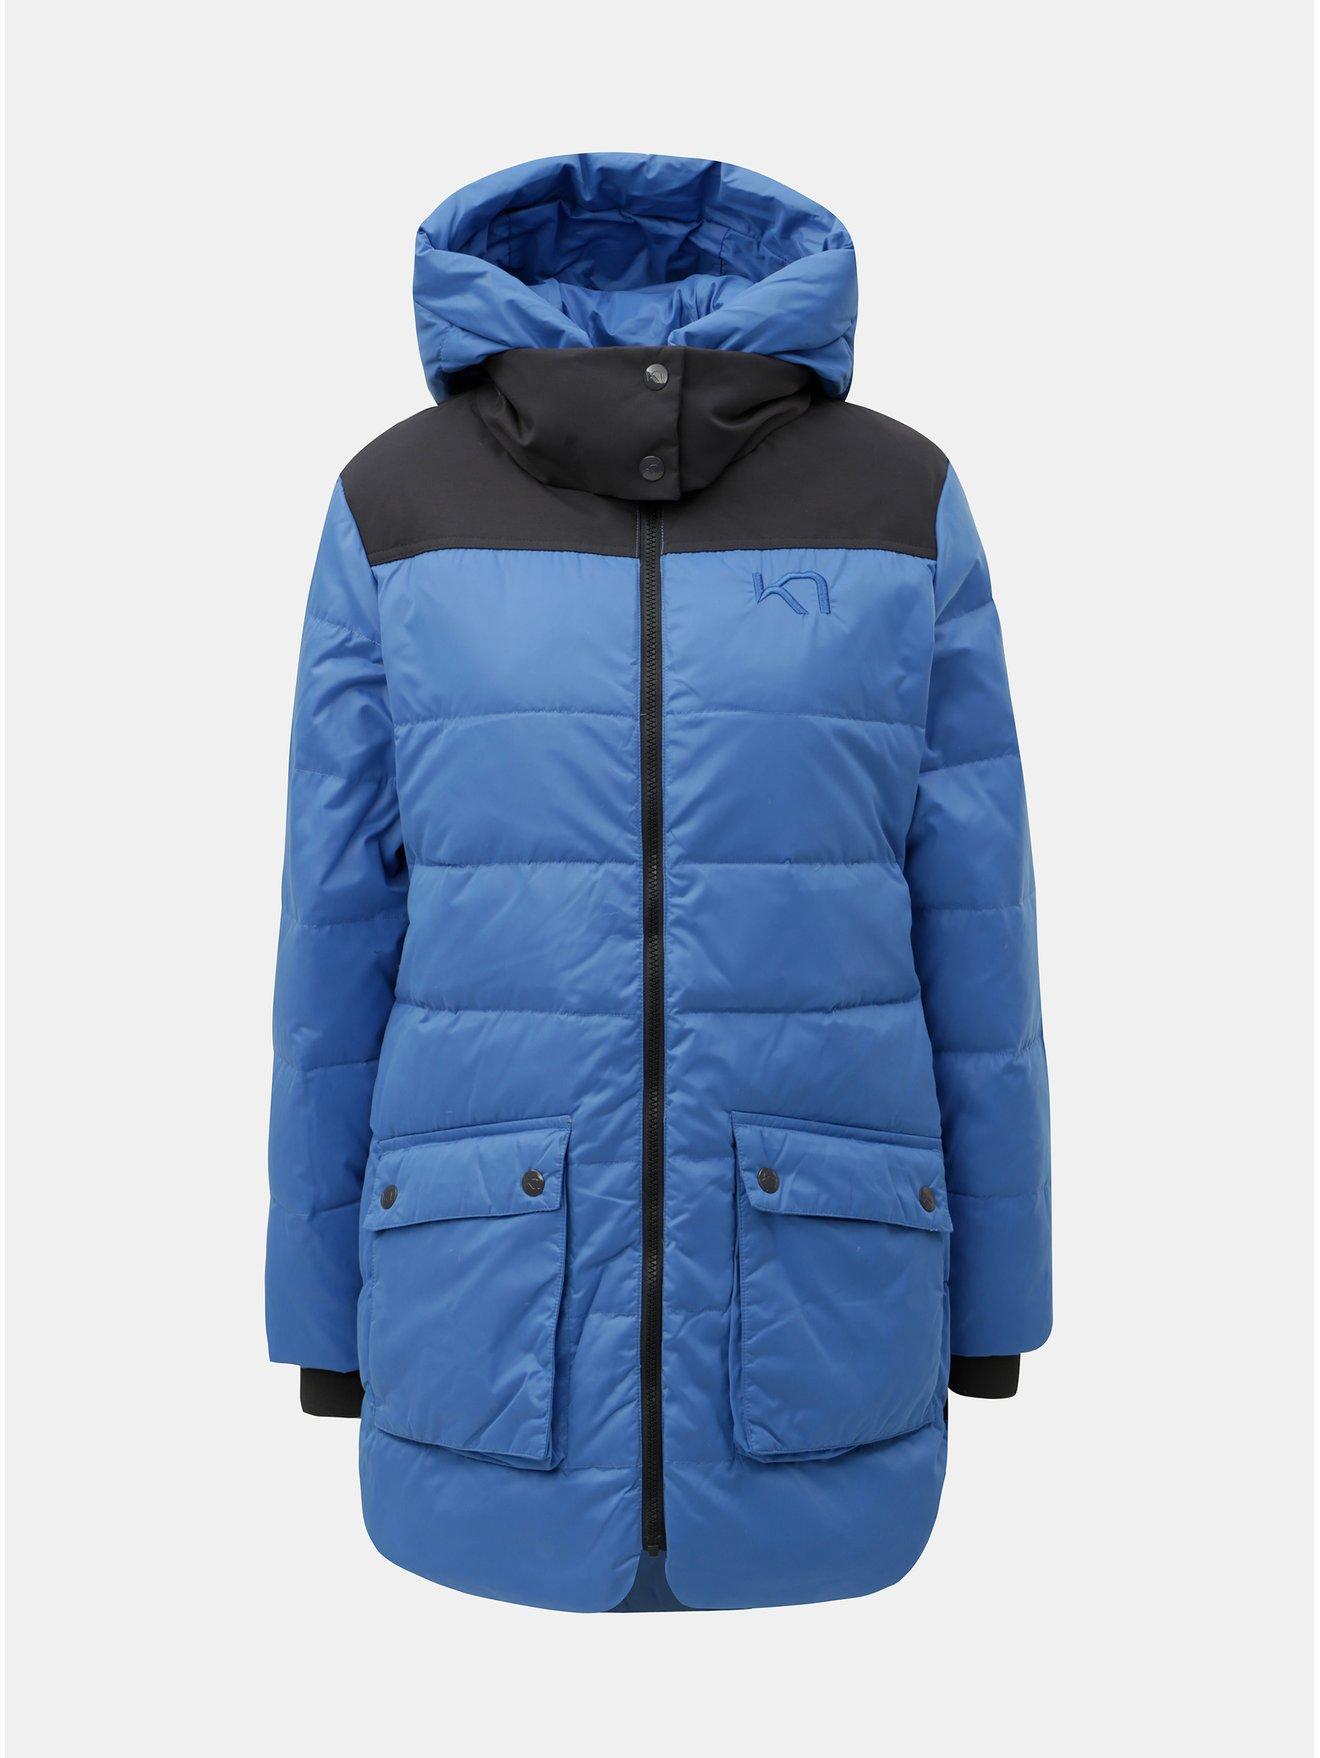 Šedo-modrý zimní nepromokavý kabát Kari Traa Rothe